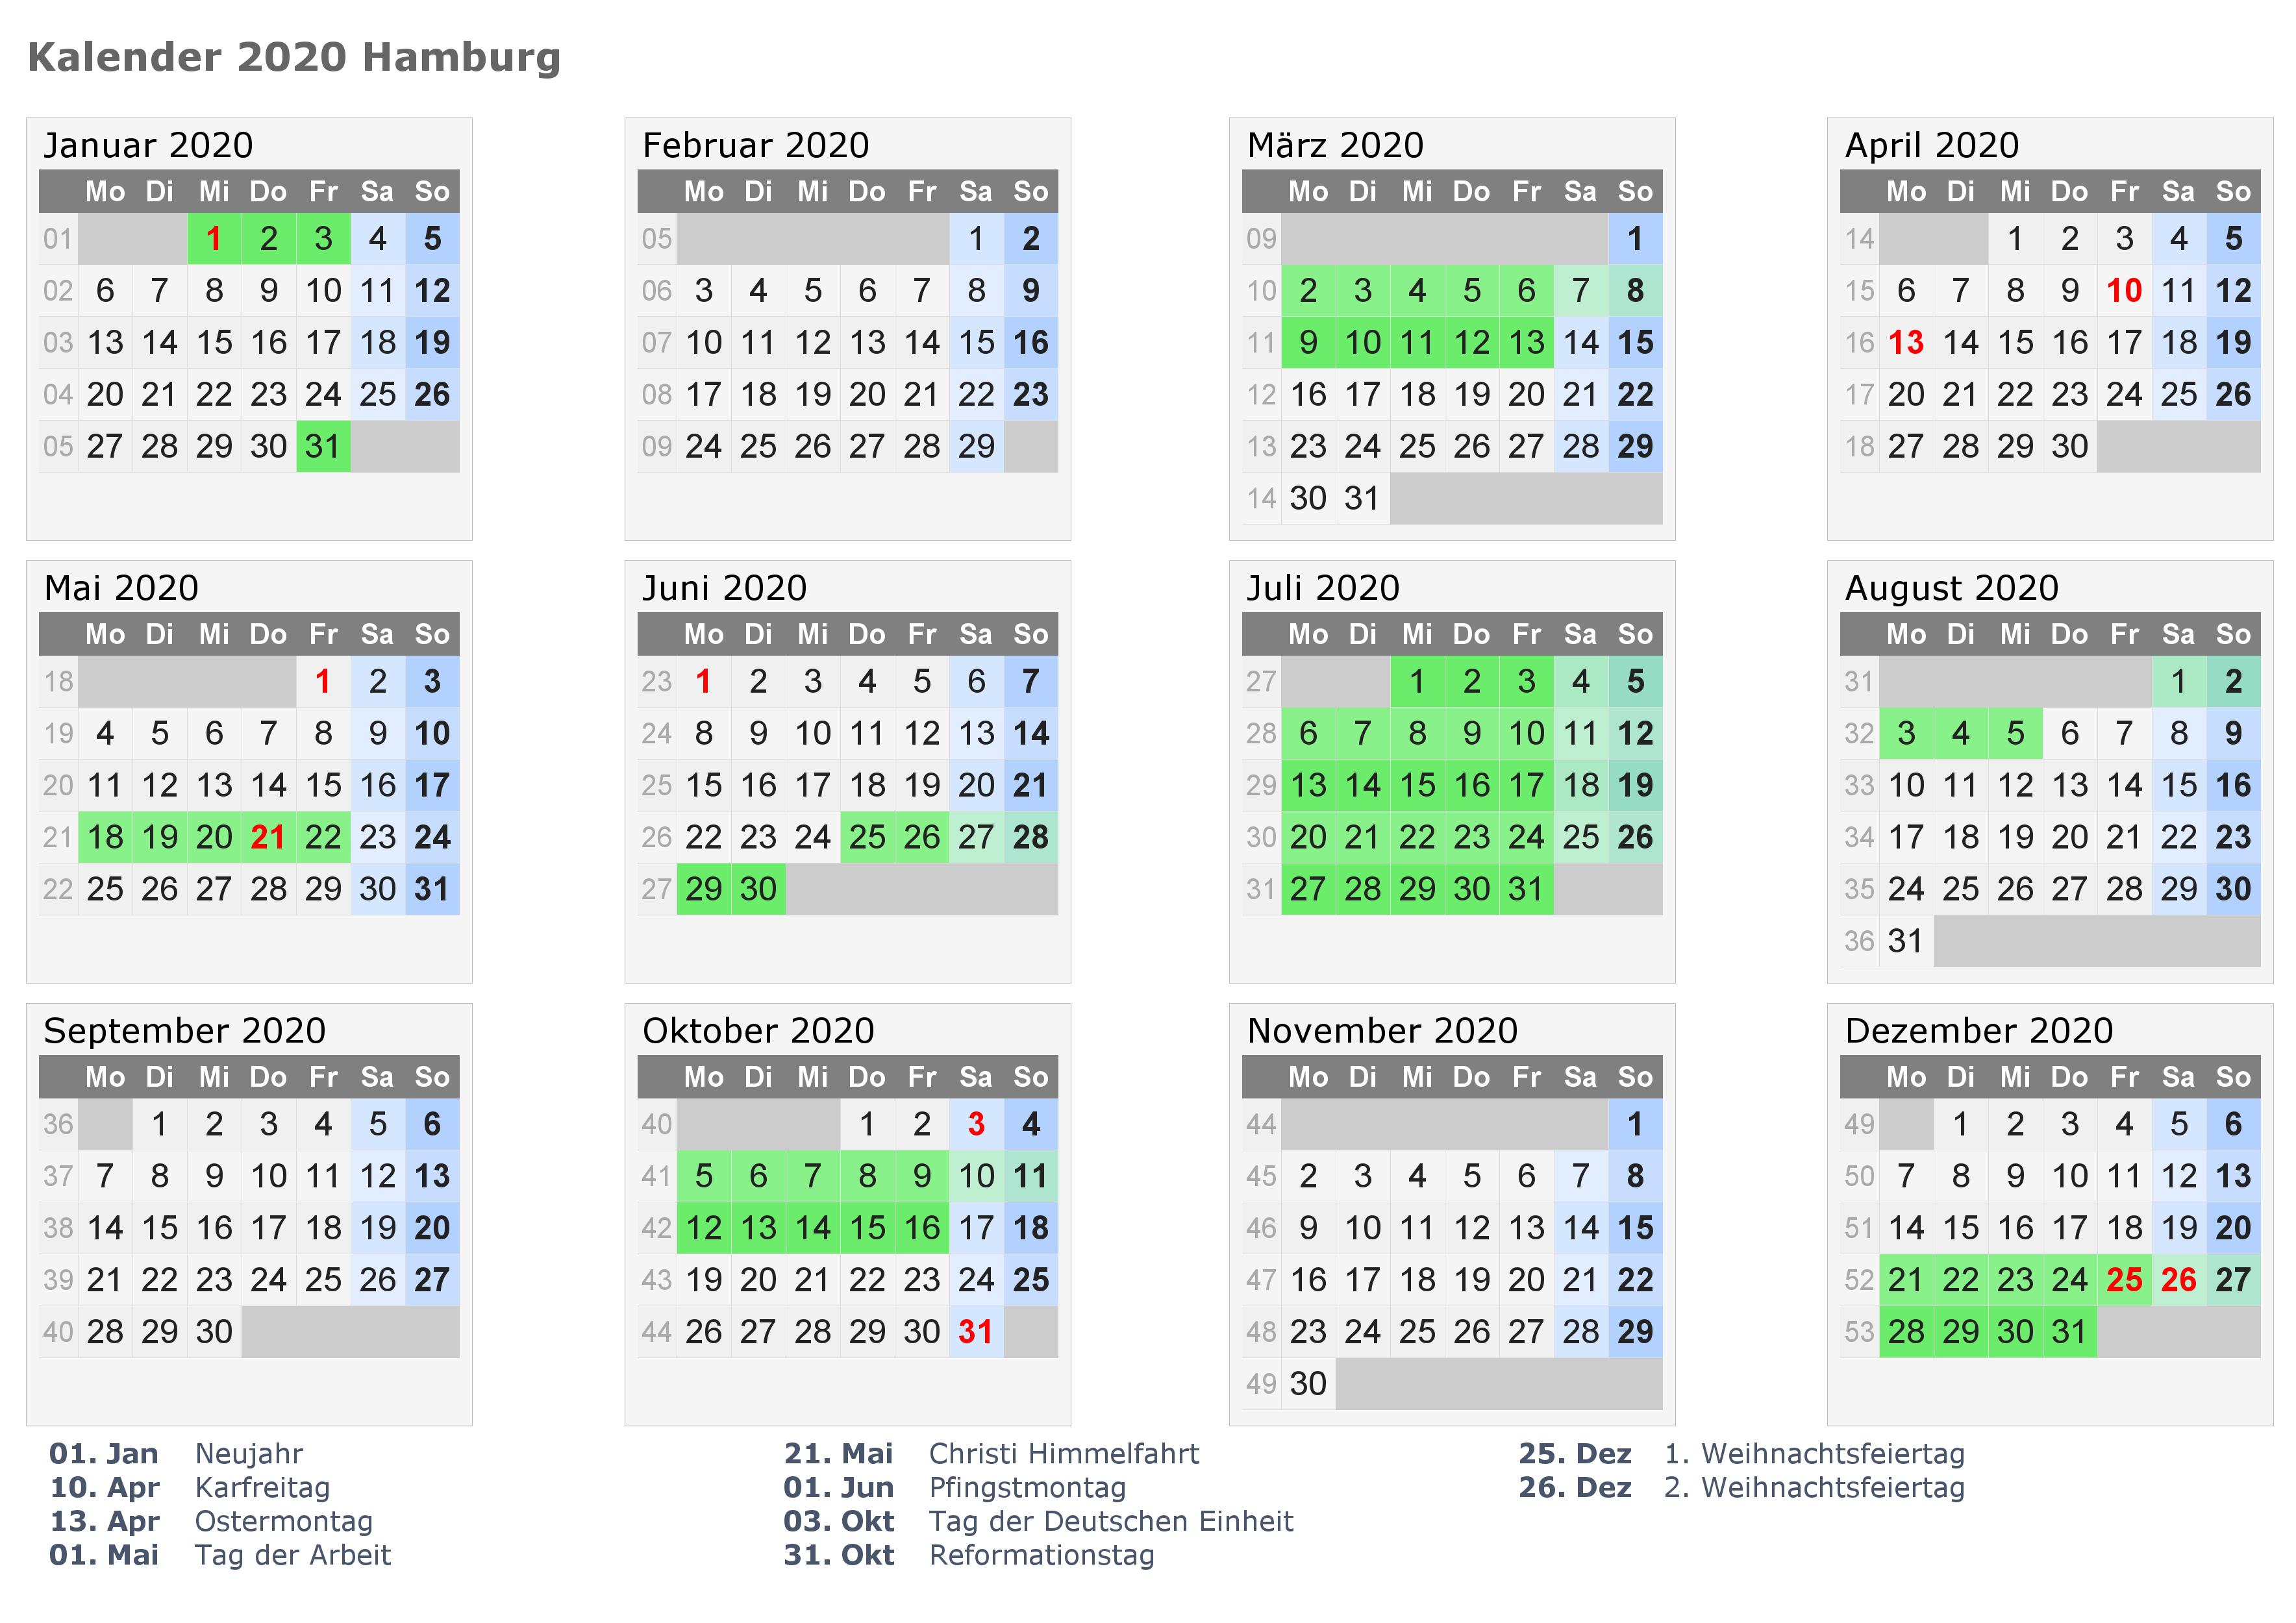 Kalender Hamburg 2020 Zum Ausdrucken